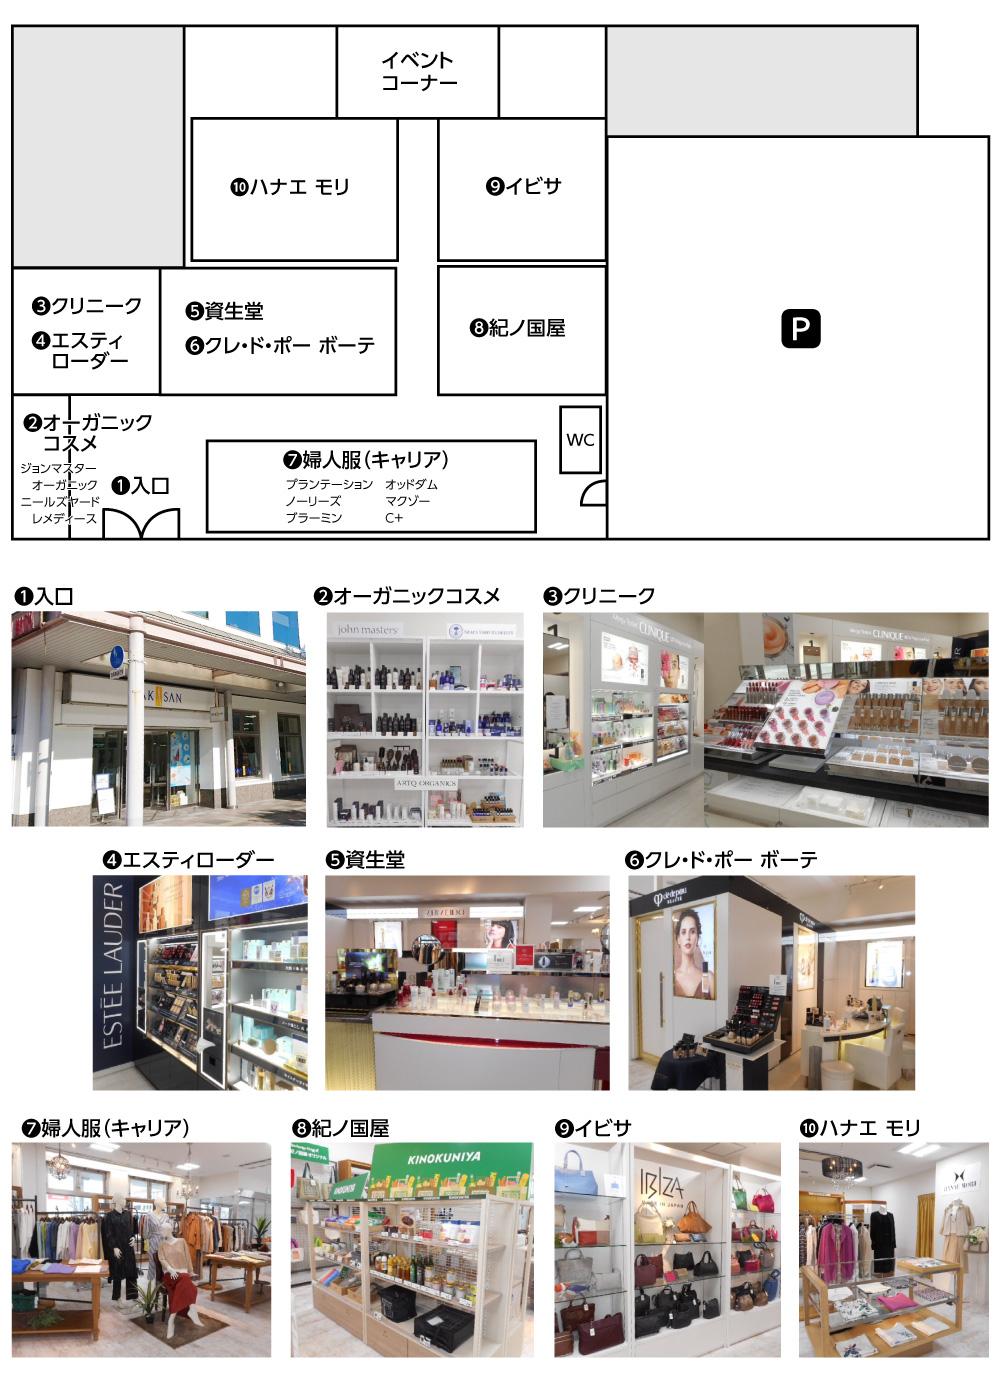 青森中三サテライト店 フロアマップ